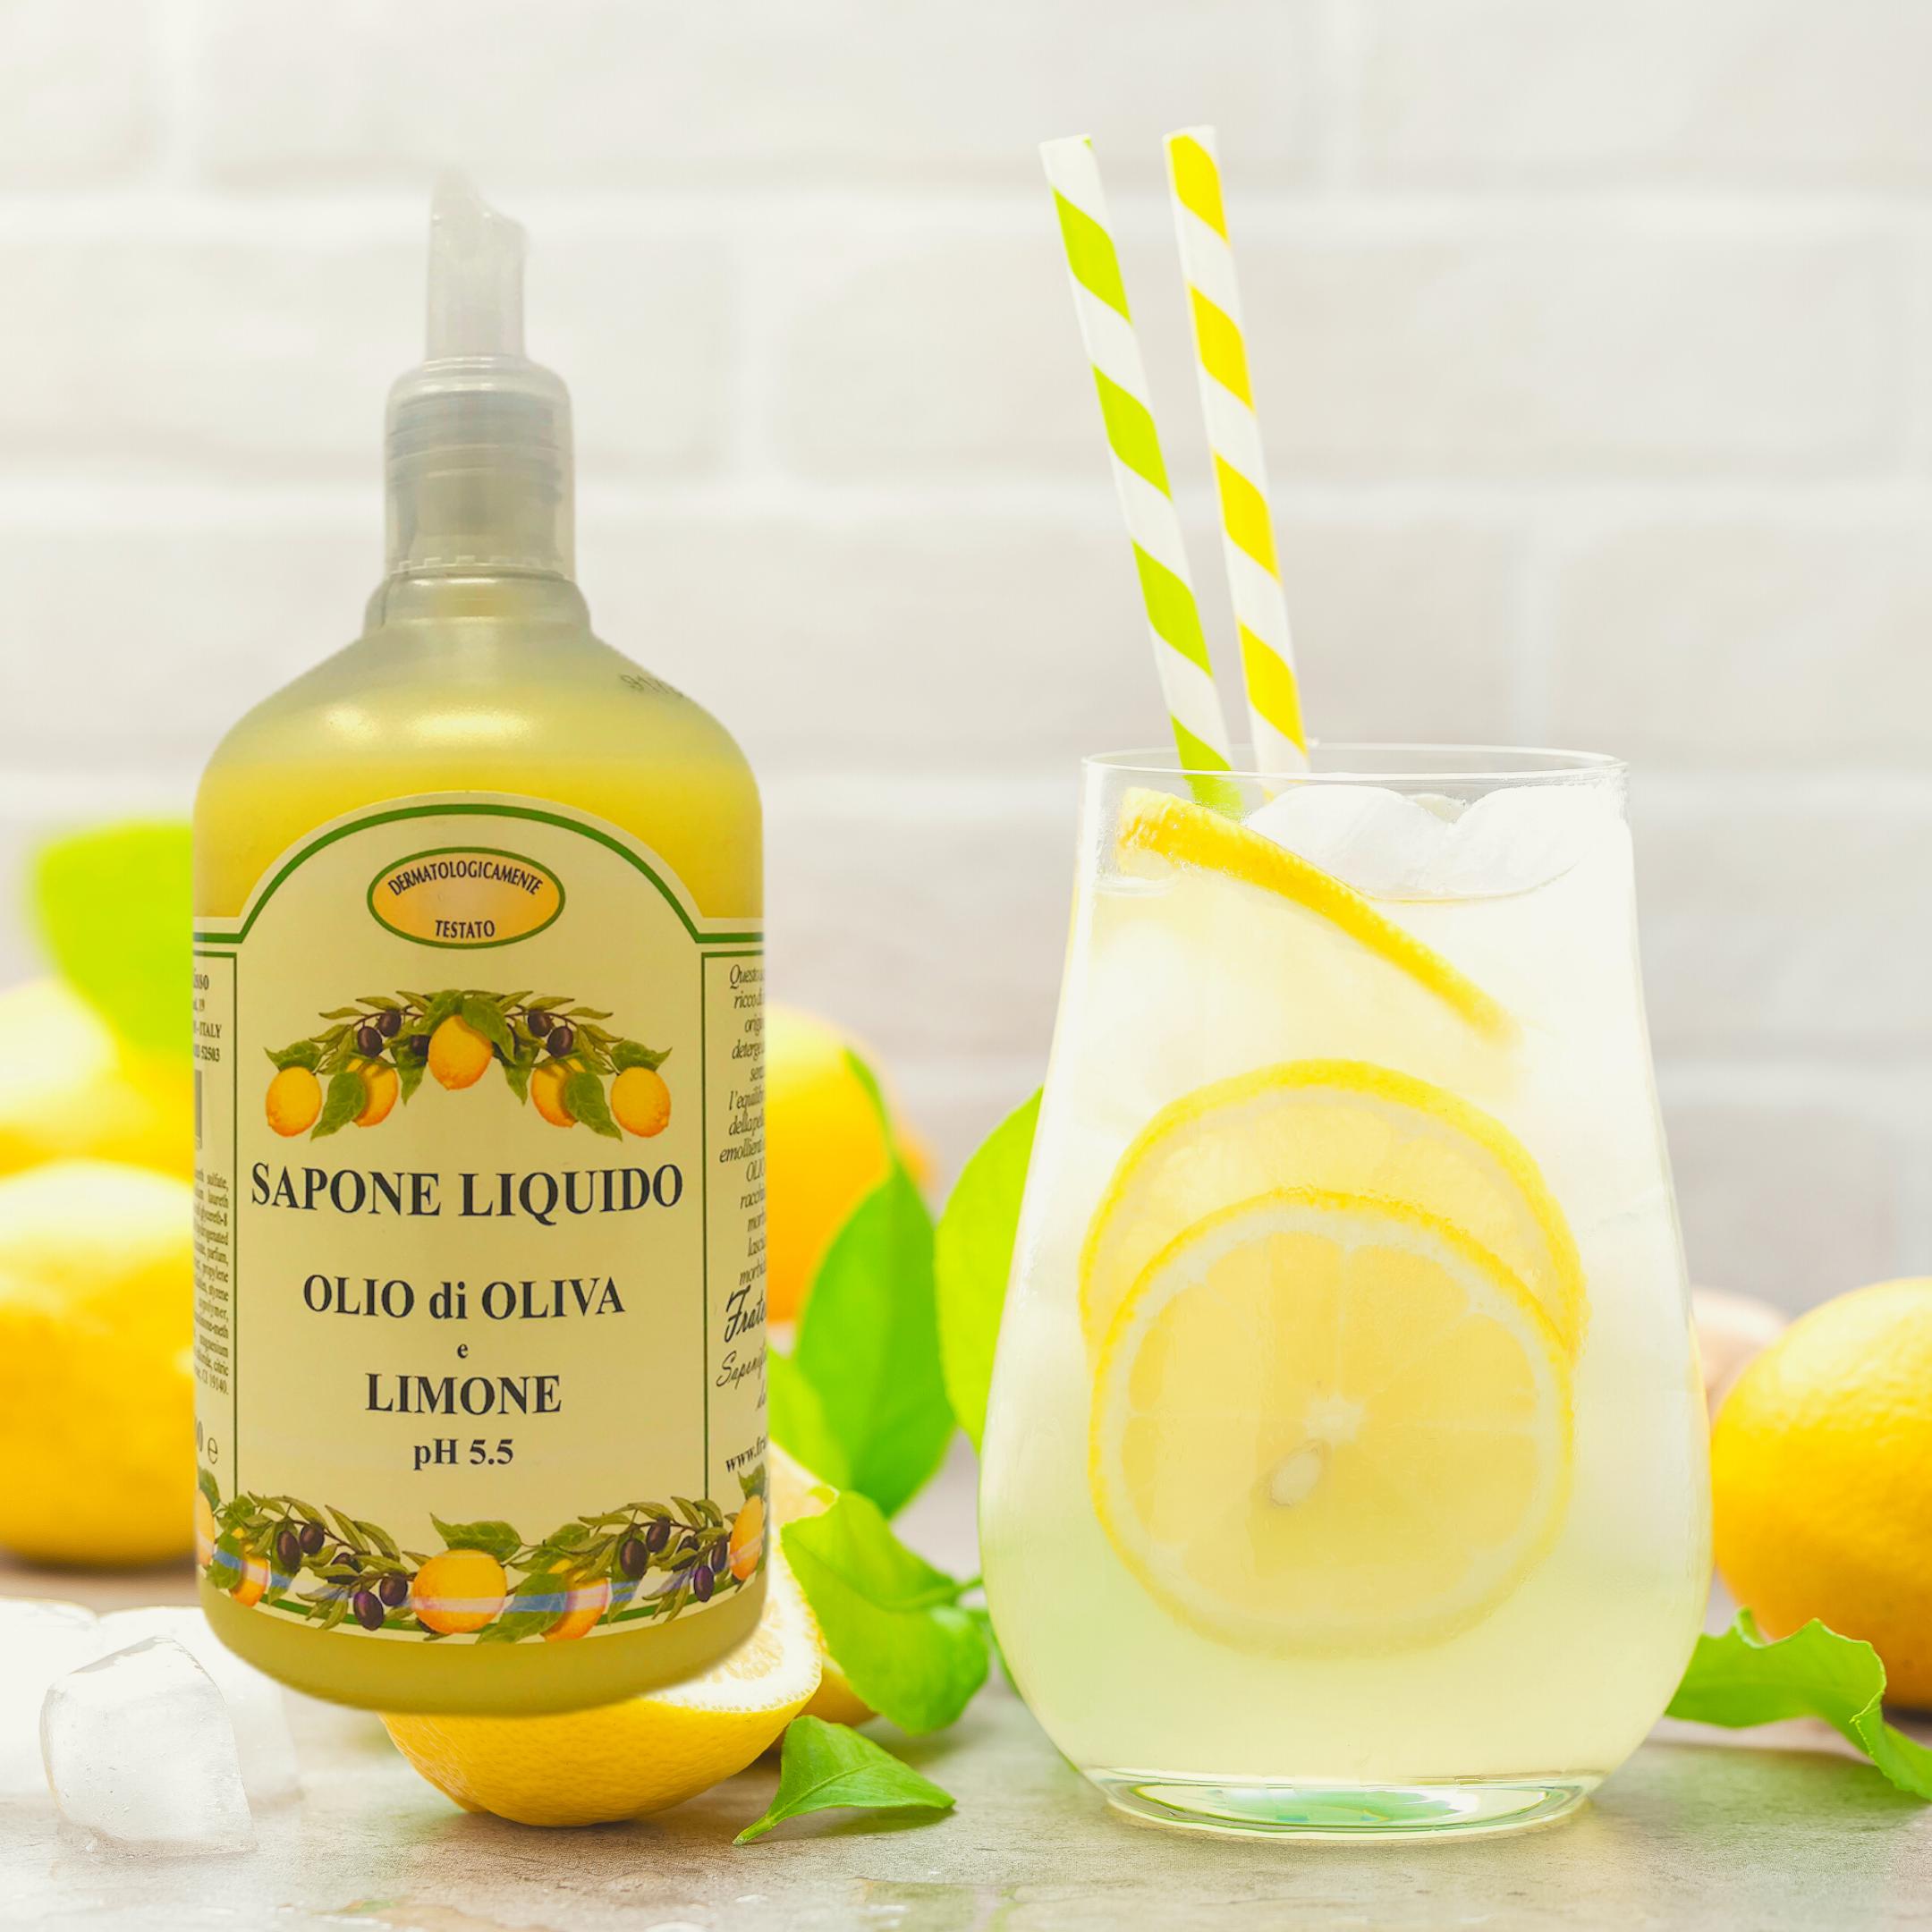 Sapone liquido olio di oliva e limone 500 ml